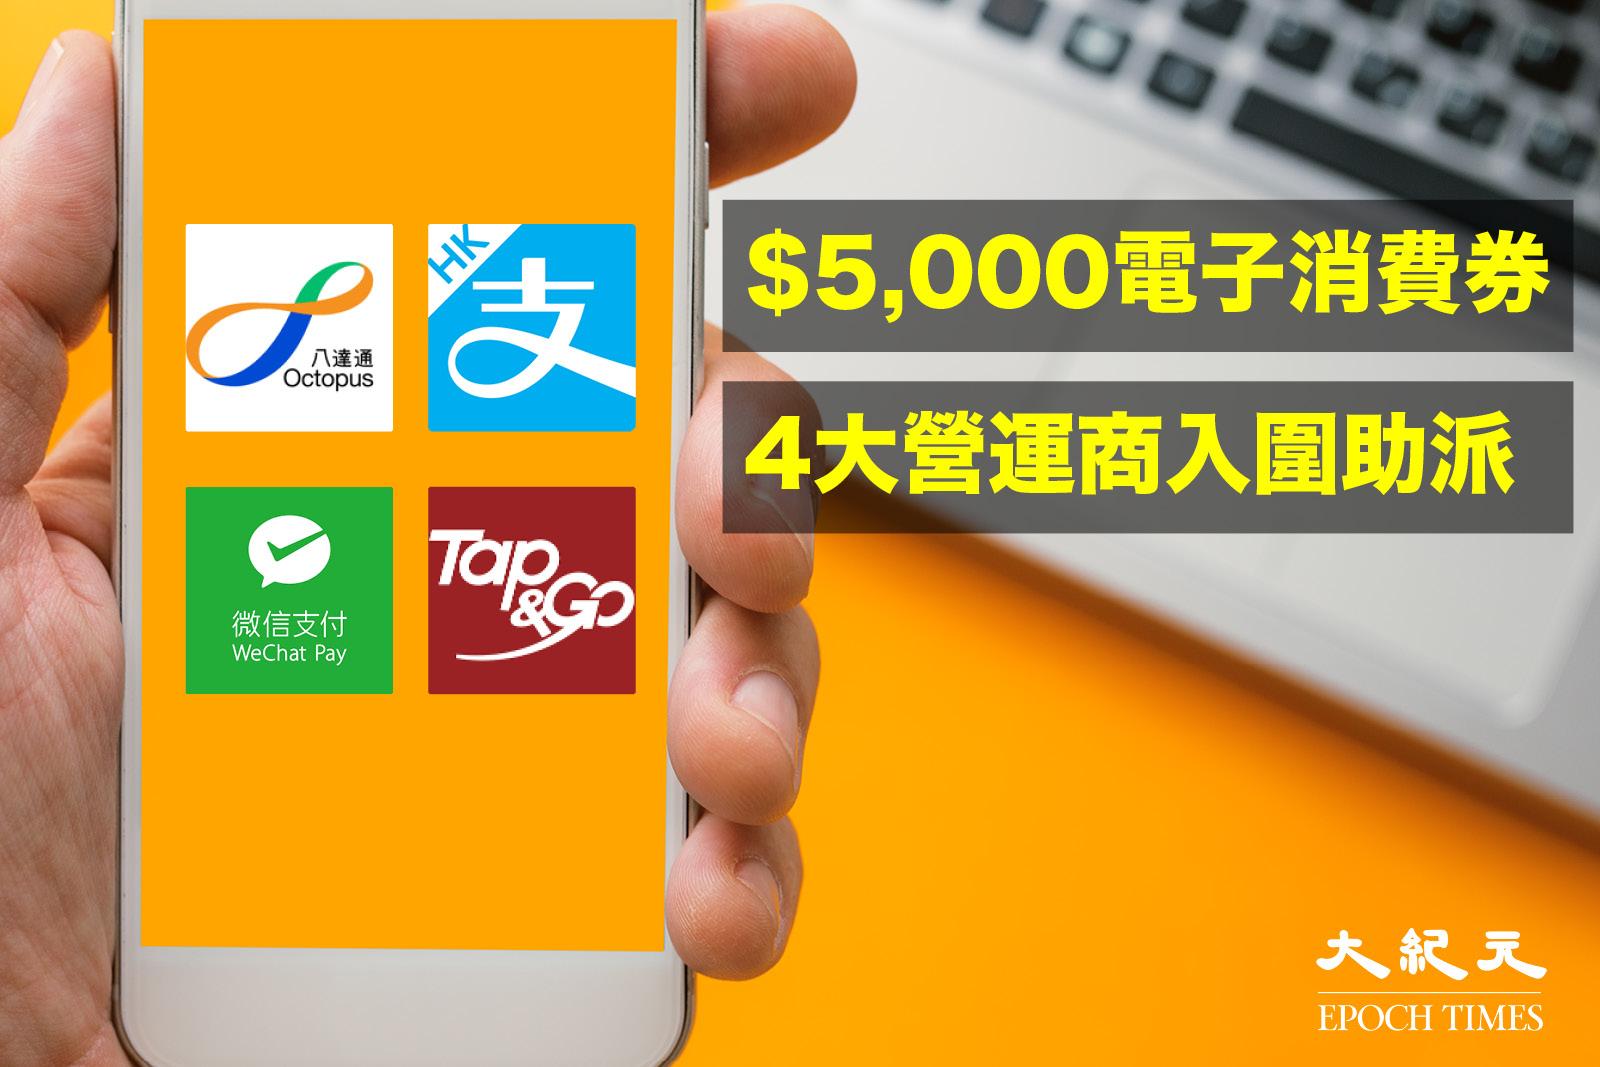 政府今日公佈協助派發5千元電子消費券的4大營運商,分別是八達通、支付寶香港(Alipay HK)、微信支付香港(Wechat Pay HK)及Tap & Go拍住賞。(大紀元製圖)